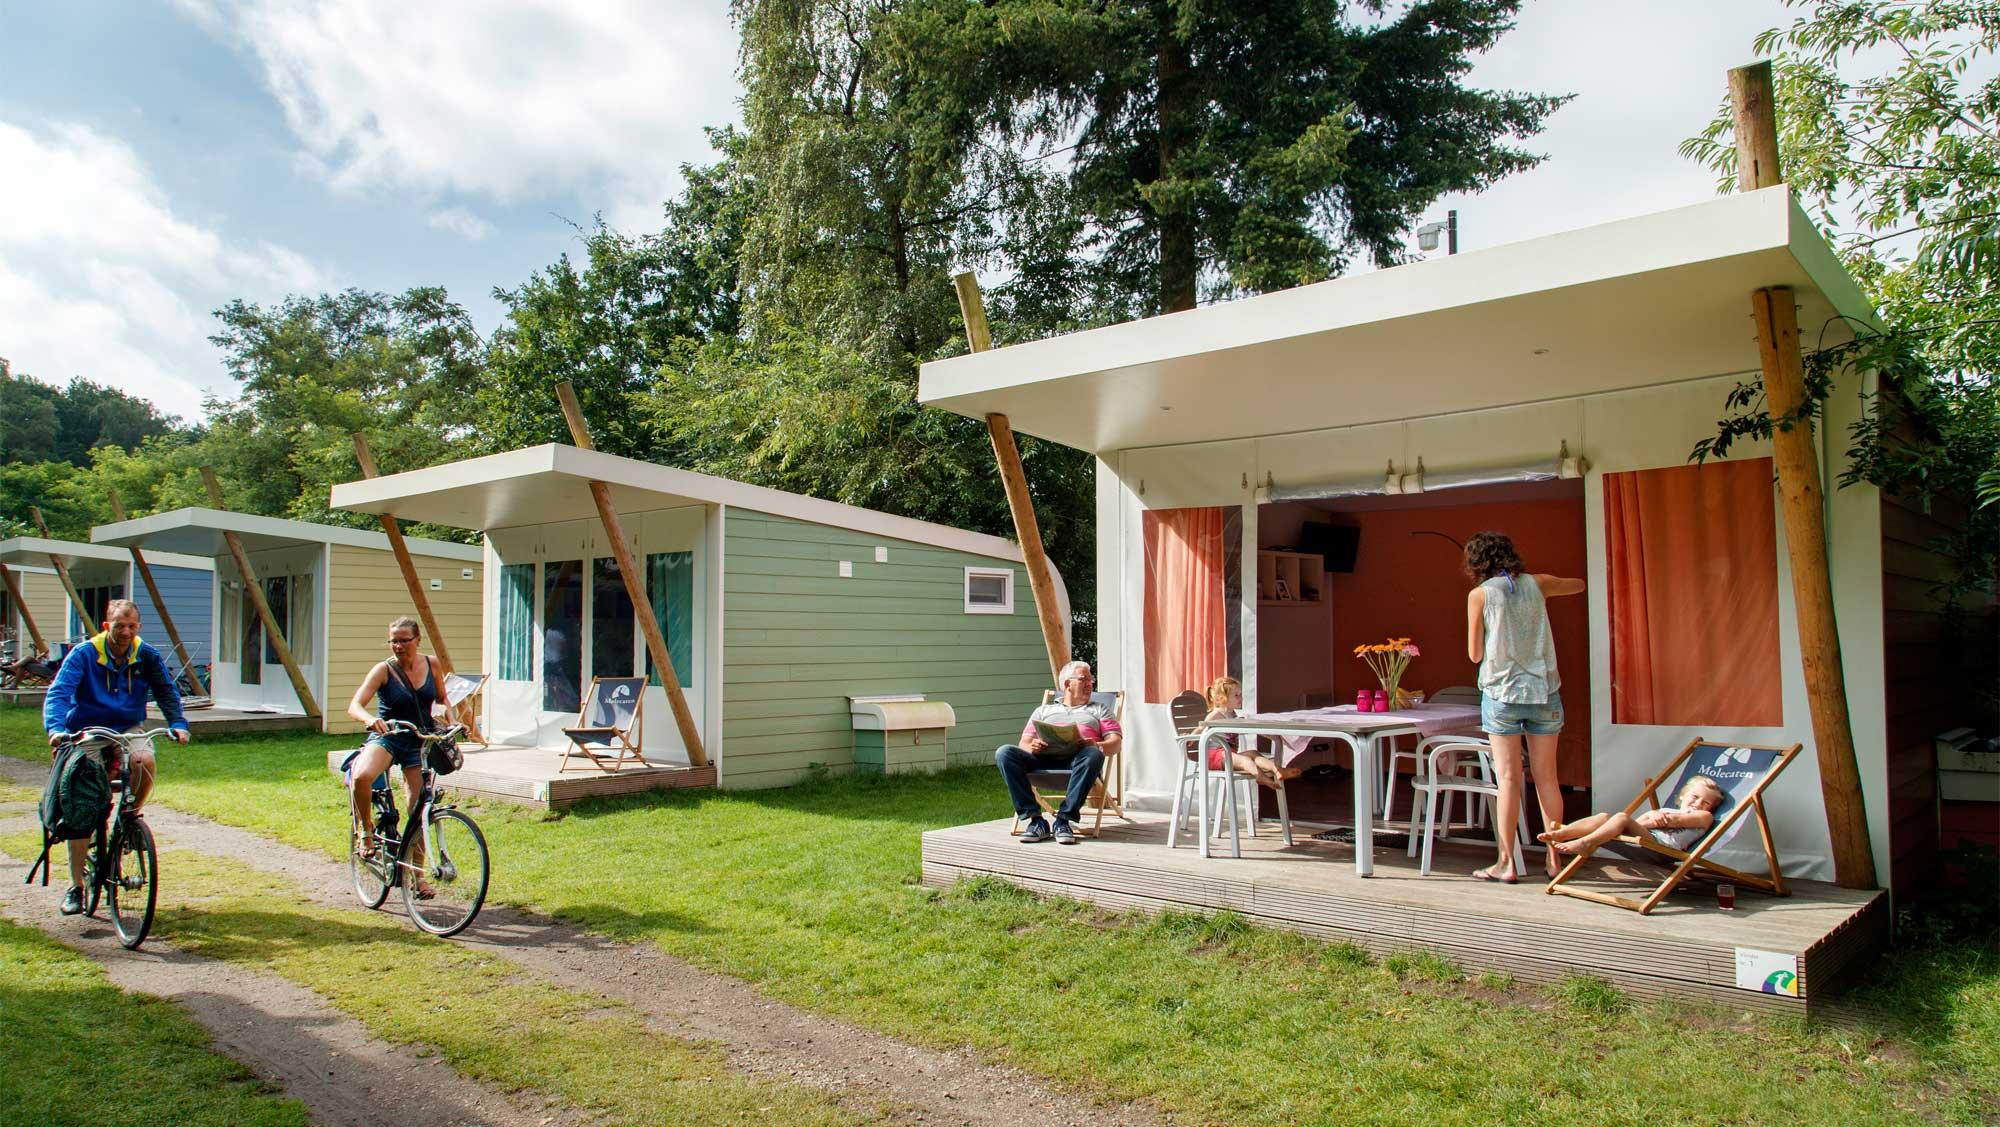 5pers kampeer cabin Vlinder Molecaten Park Landgoed Ginkelduin 01